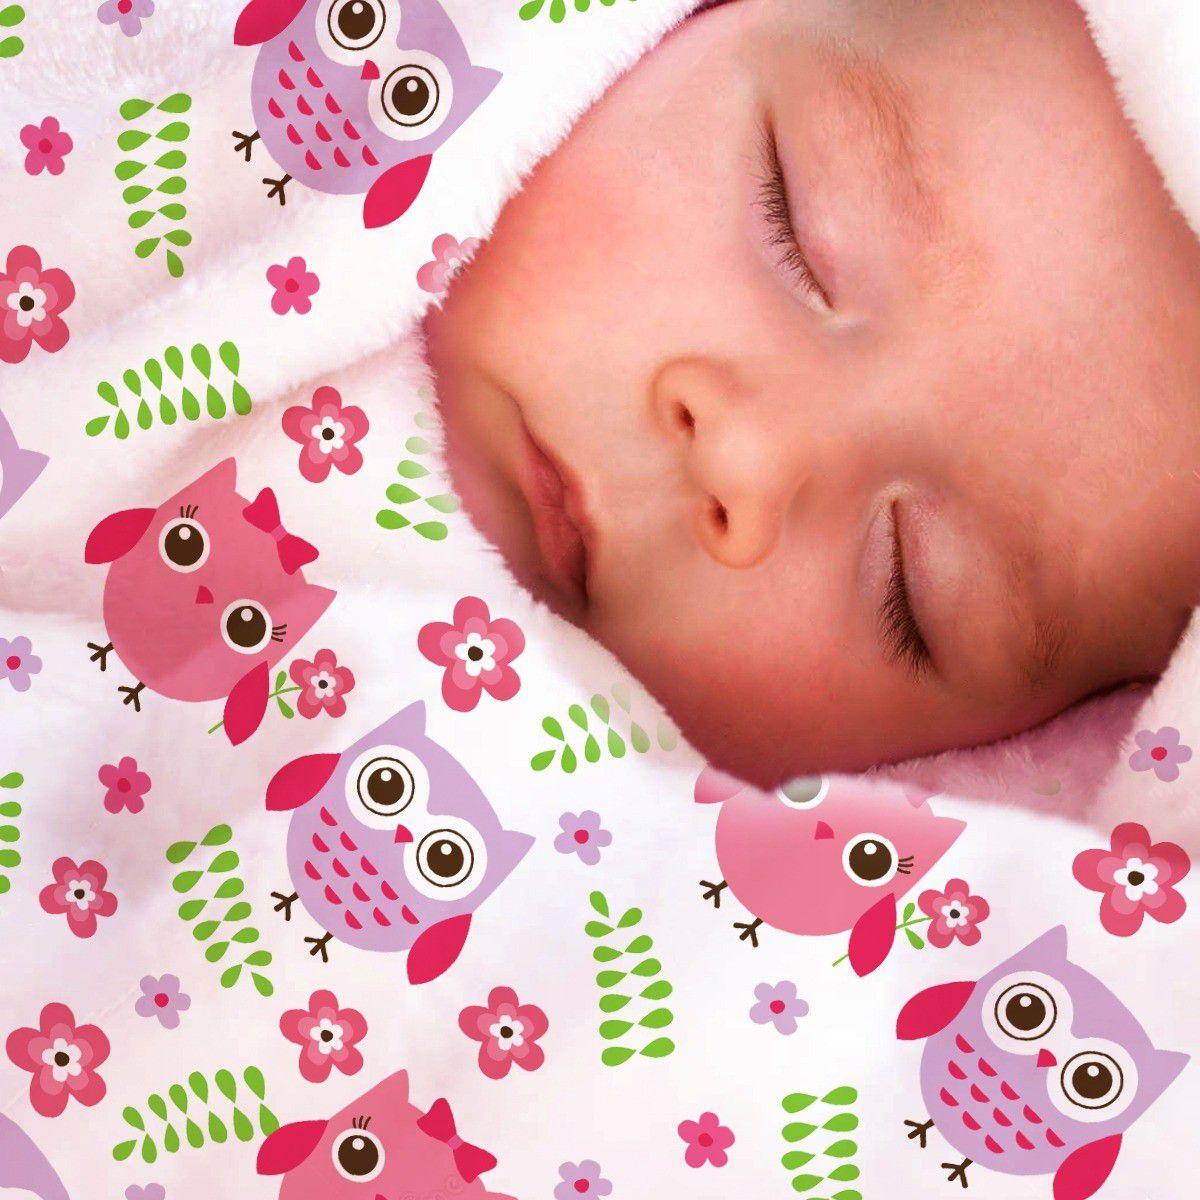 Manta do Bebê Soft Cobi  (1,10m x 1,40m)